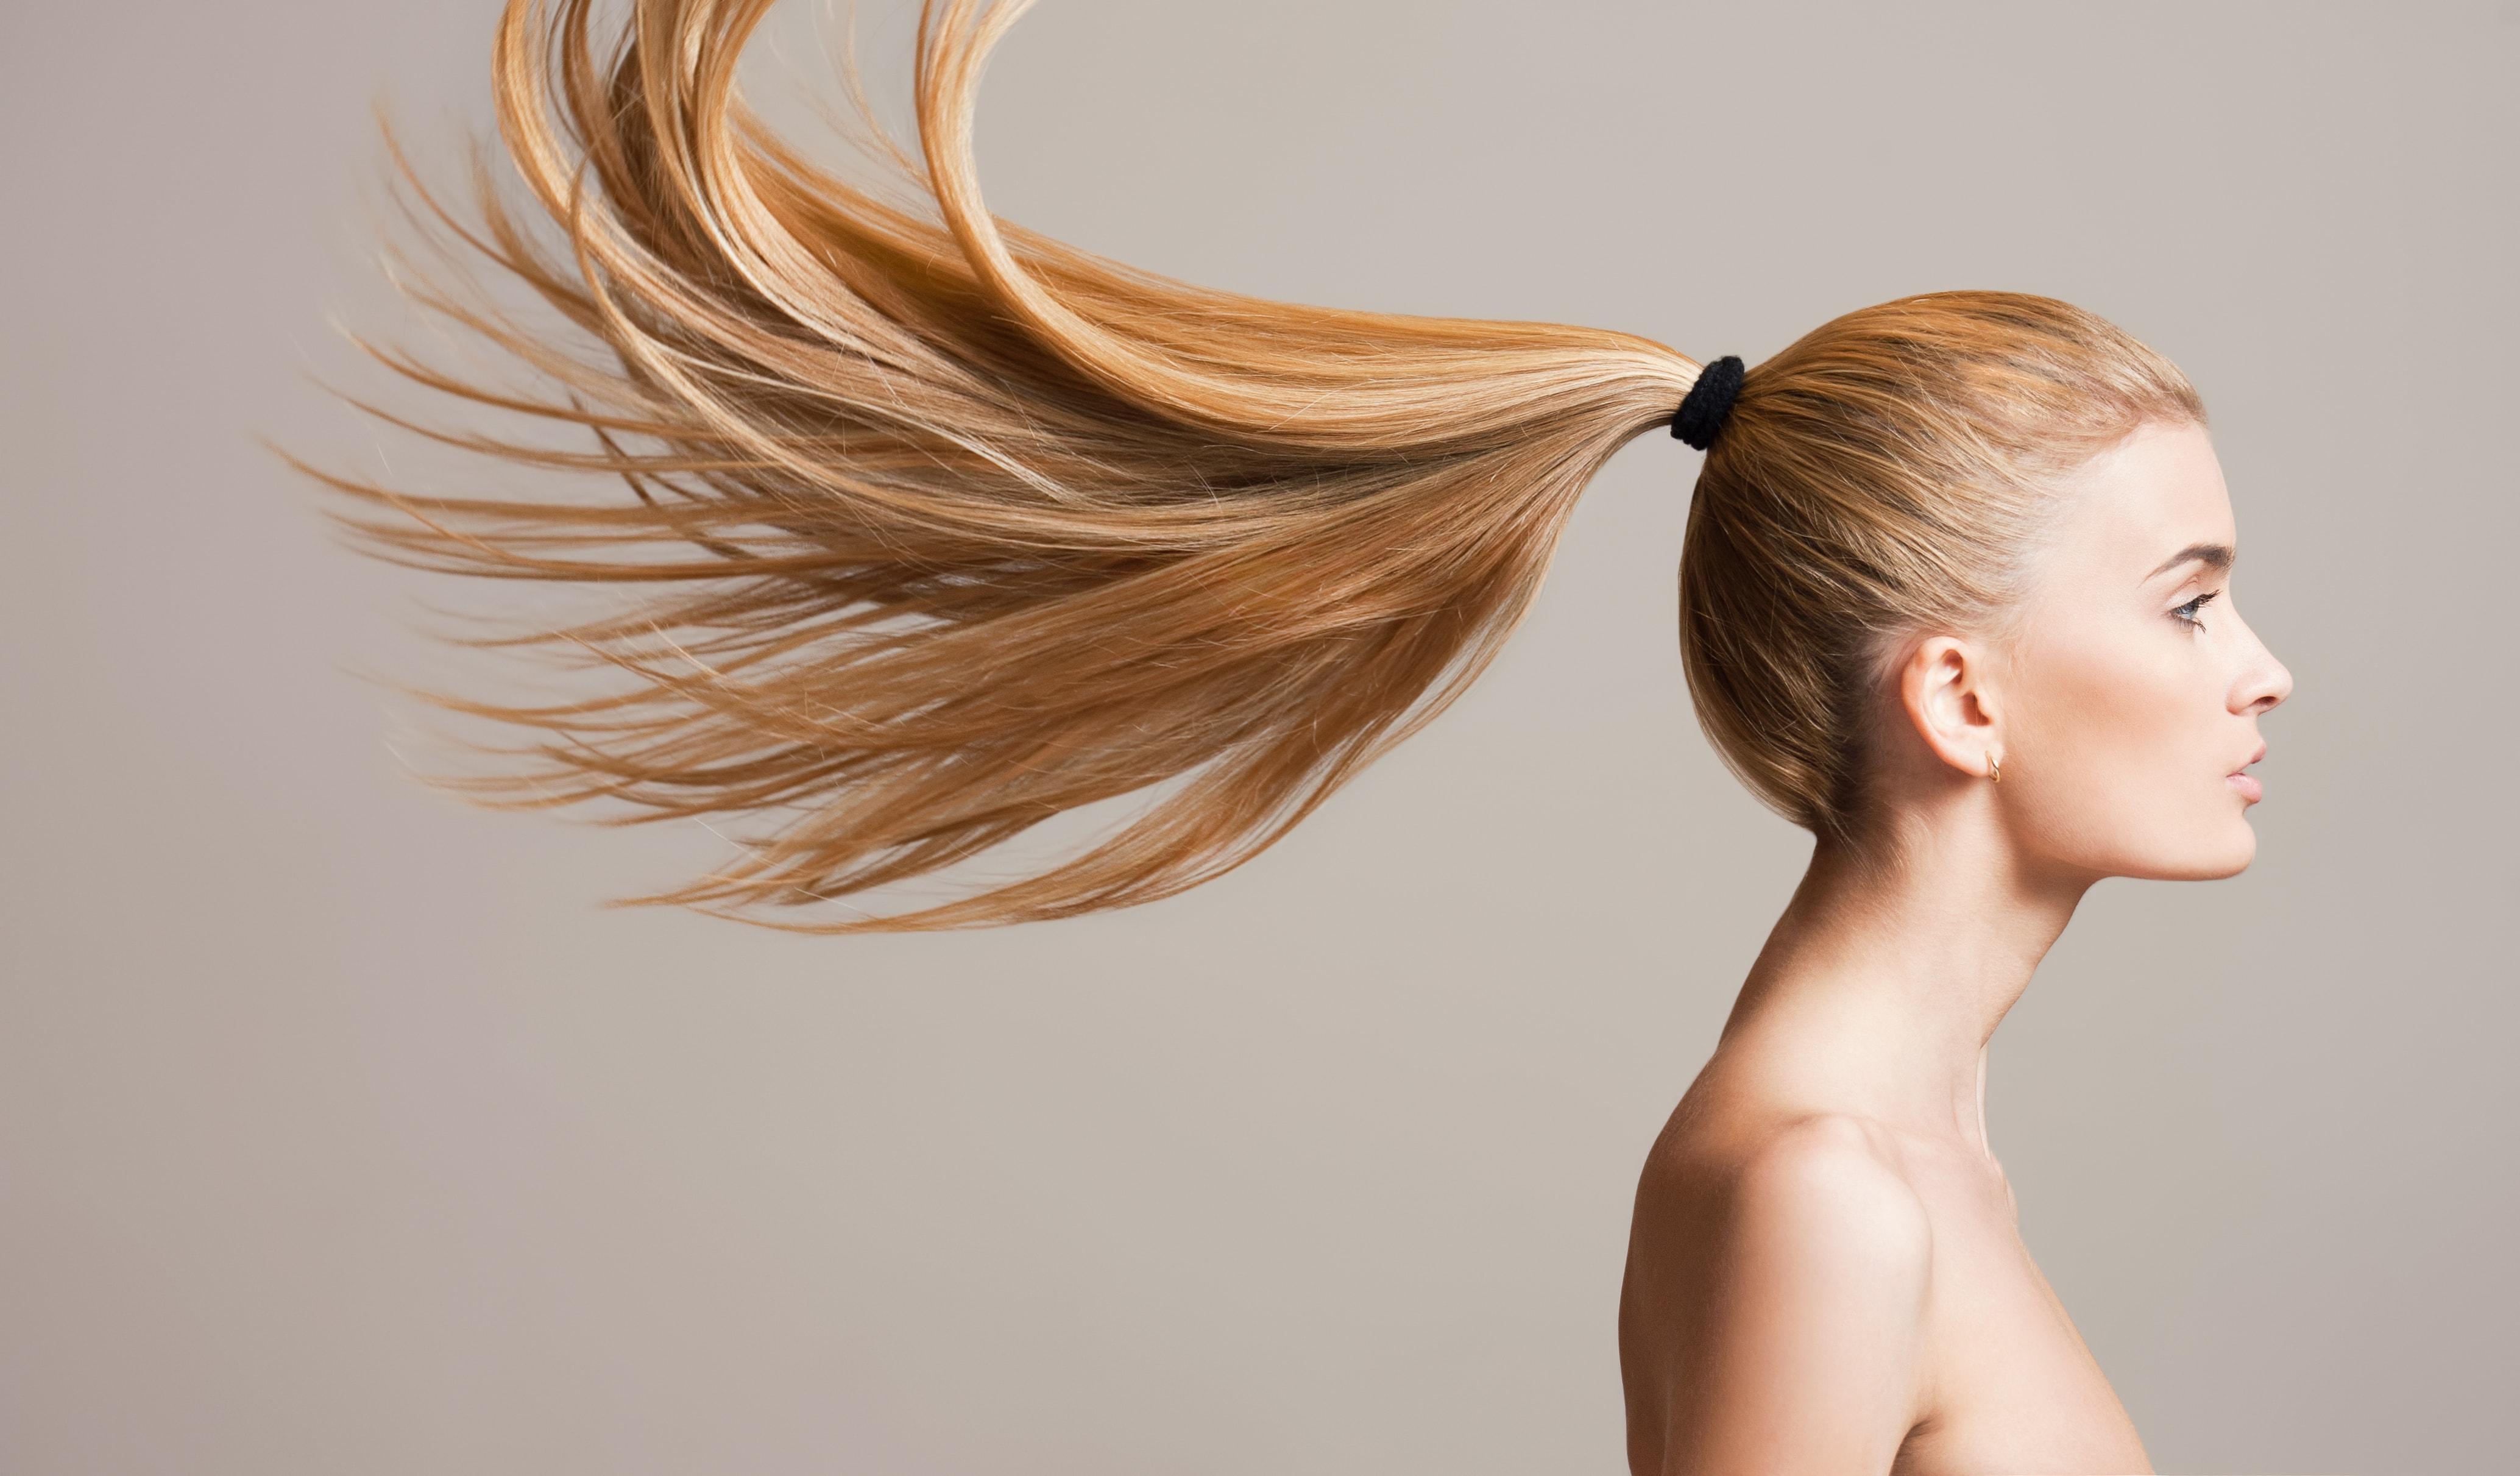 Sağlıklı ve hızlı saç uzatma yöntemleri nelerdir?